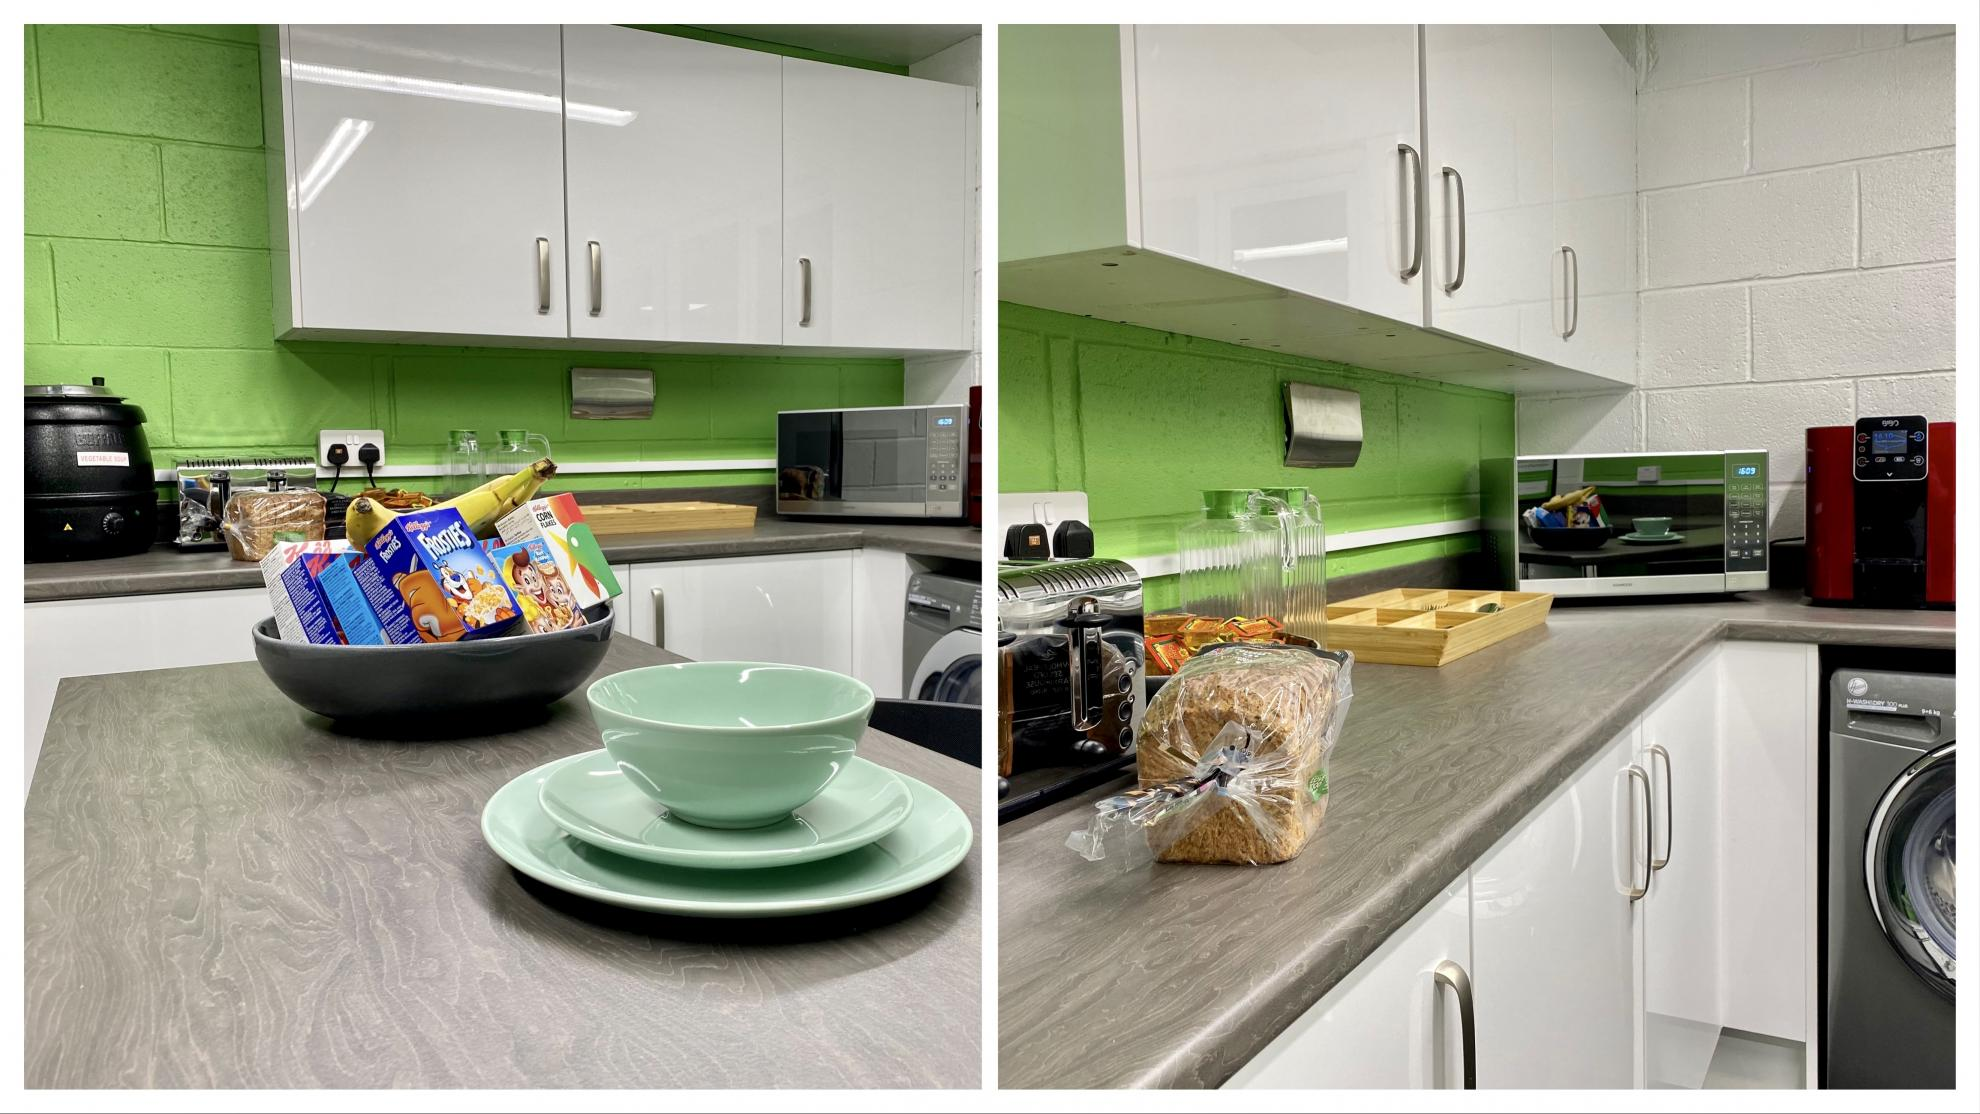 A shiny, clean kitchen